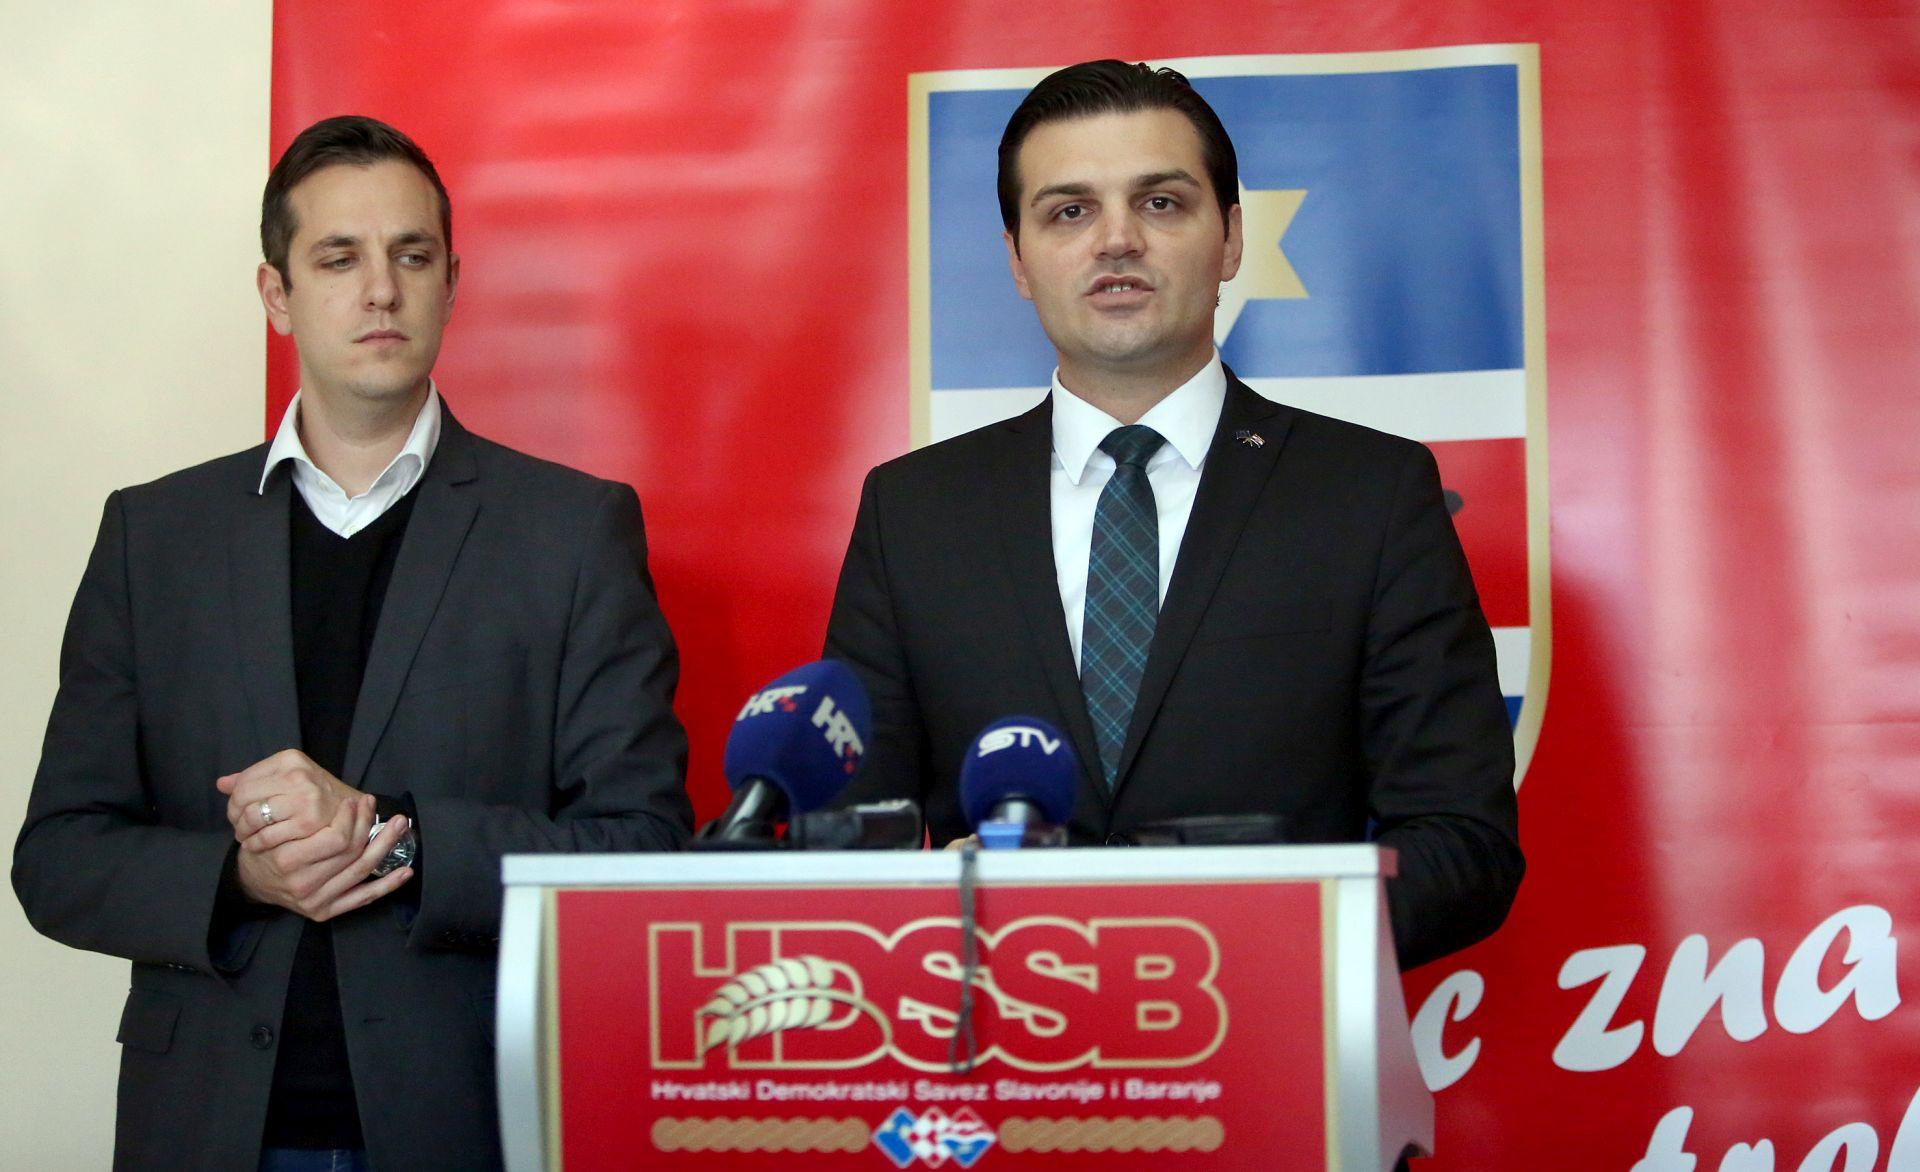 Vulin (HDSSB) novi predsjednik osječko-baranjske Županijske skupštine